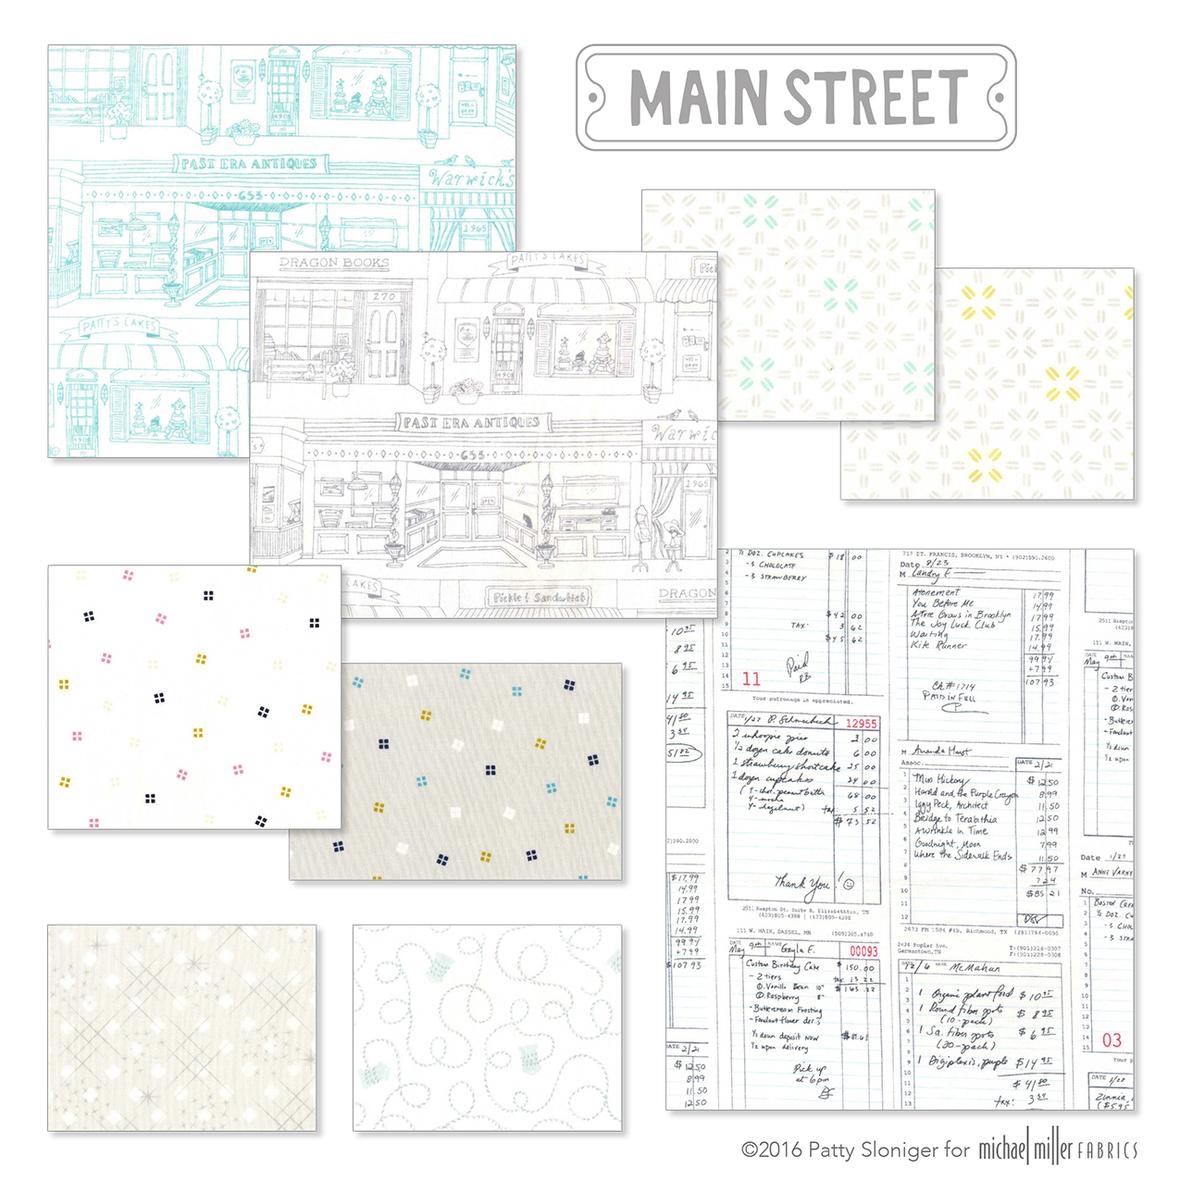 MAIN STREET MOSAIC 150